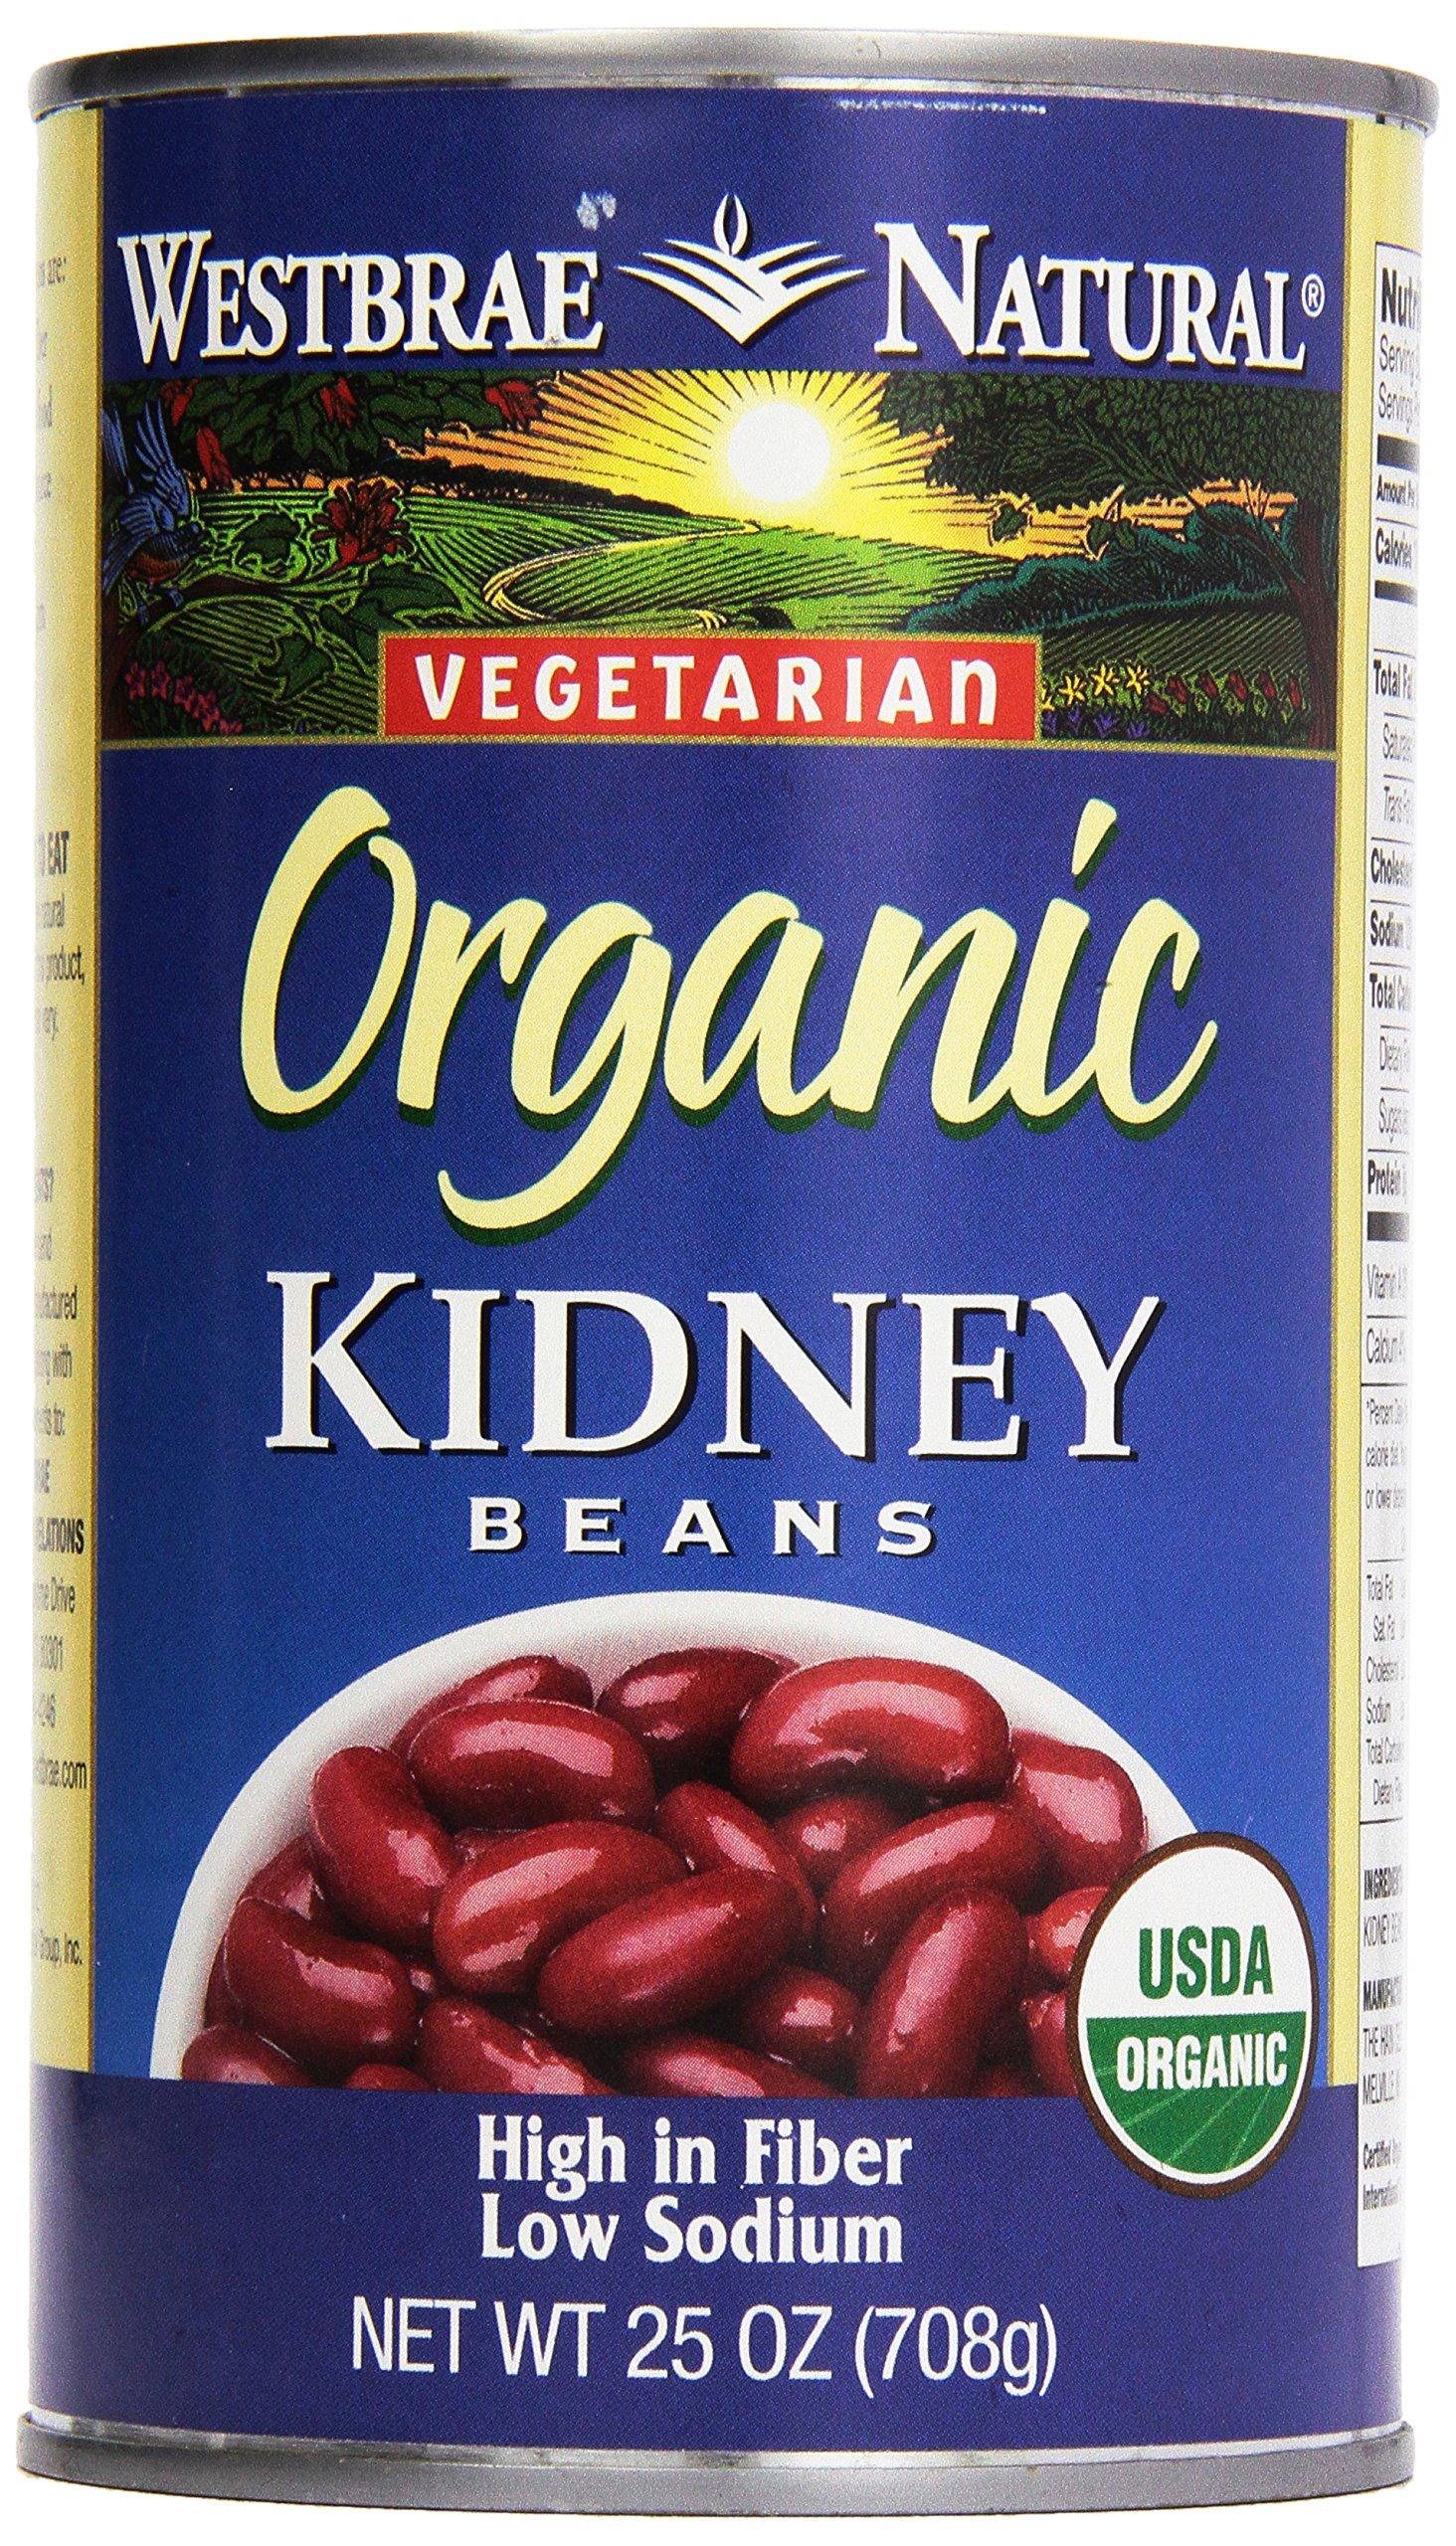 Westbrae, Natural Kidney Beans, 25 oz